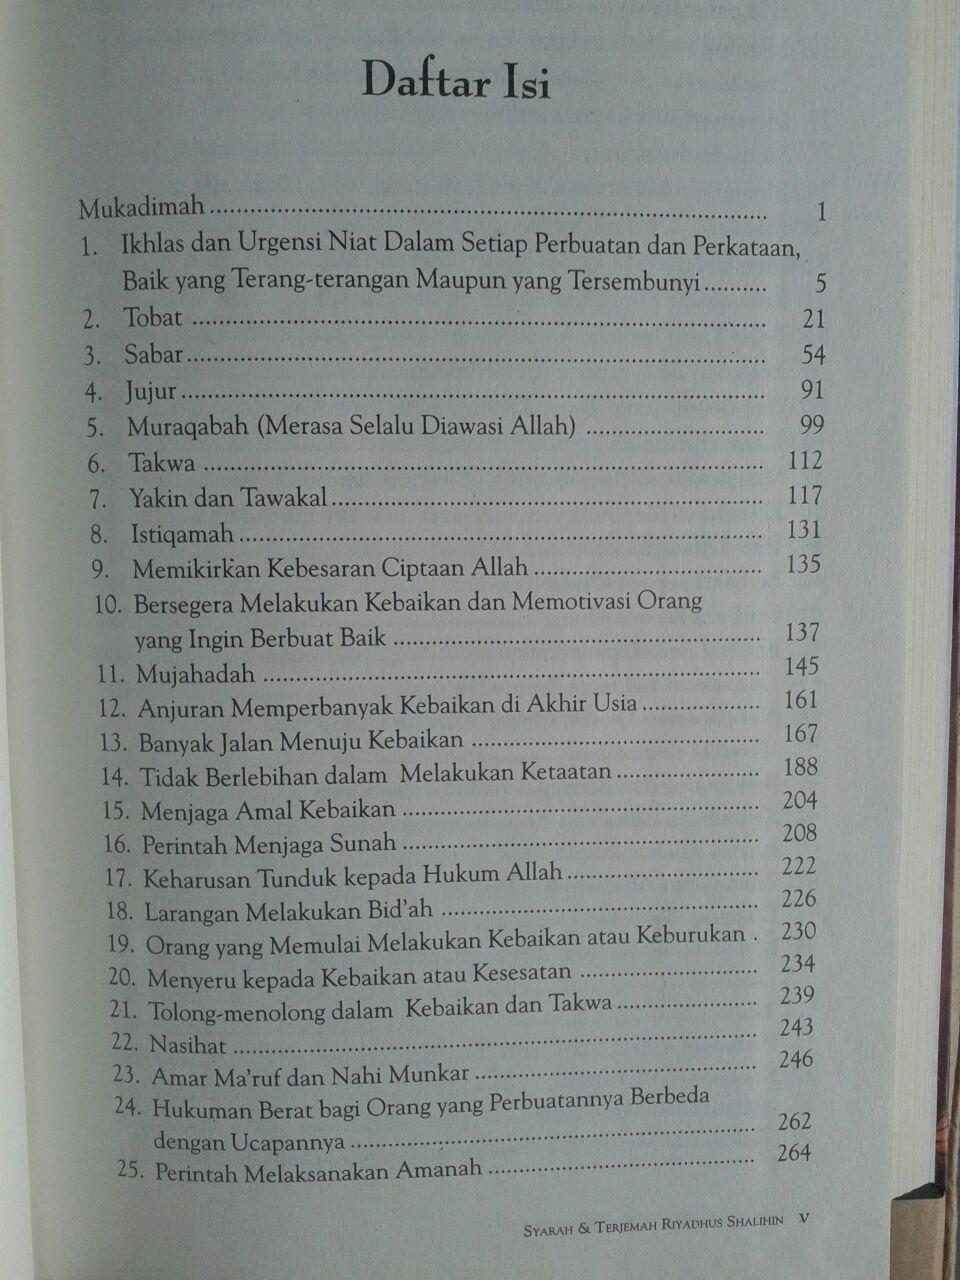 Buku Syarah Dan Terjemah Riyadhus Shalihin 1 Set 2 Jilid isi 4